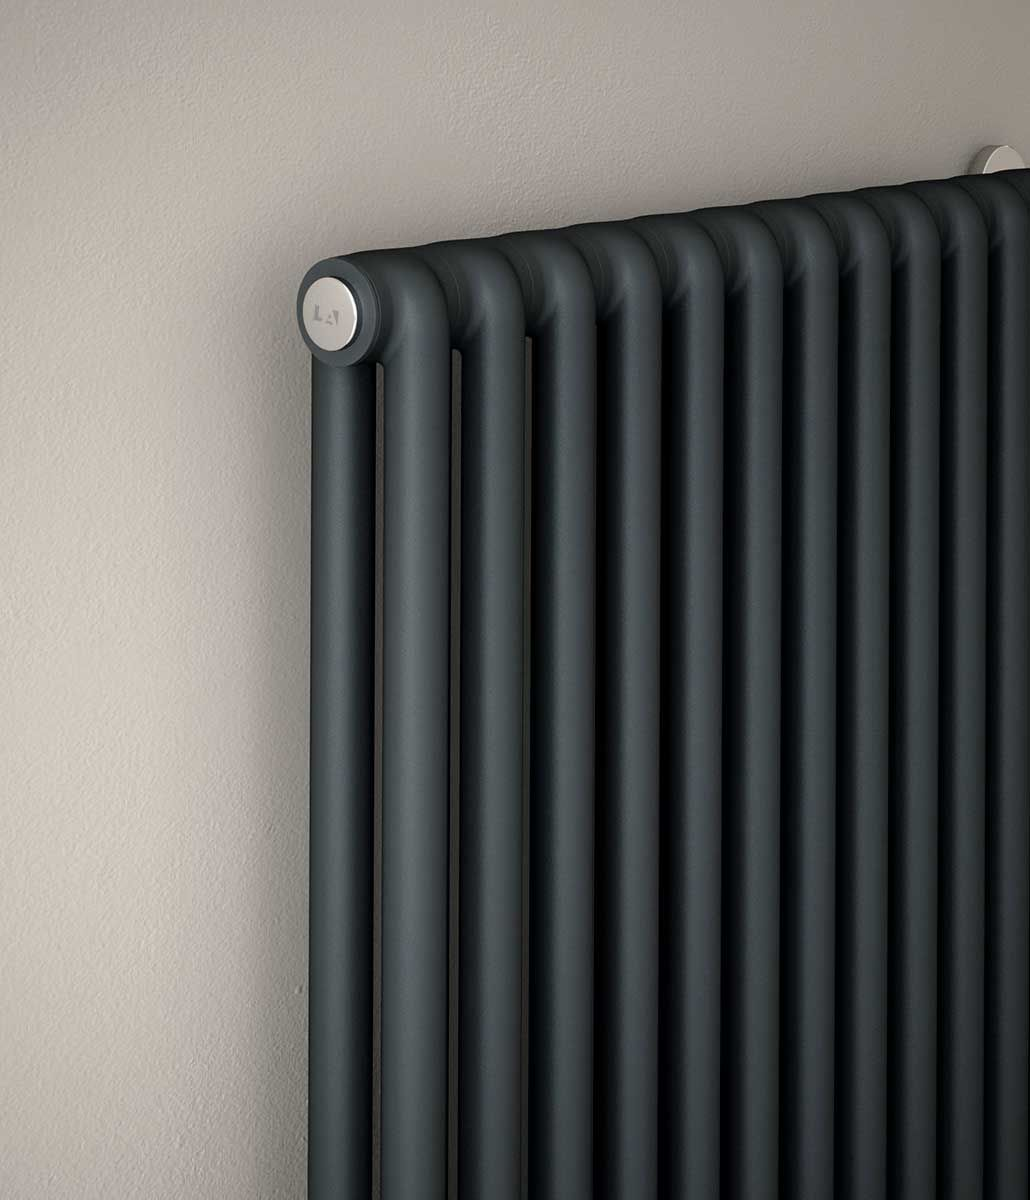 TESI, radiateur décoratif eau chaude, Irsap. Modèle présenté ...